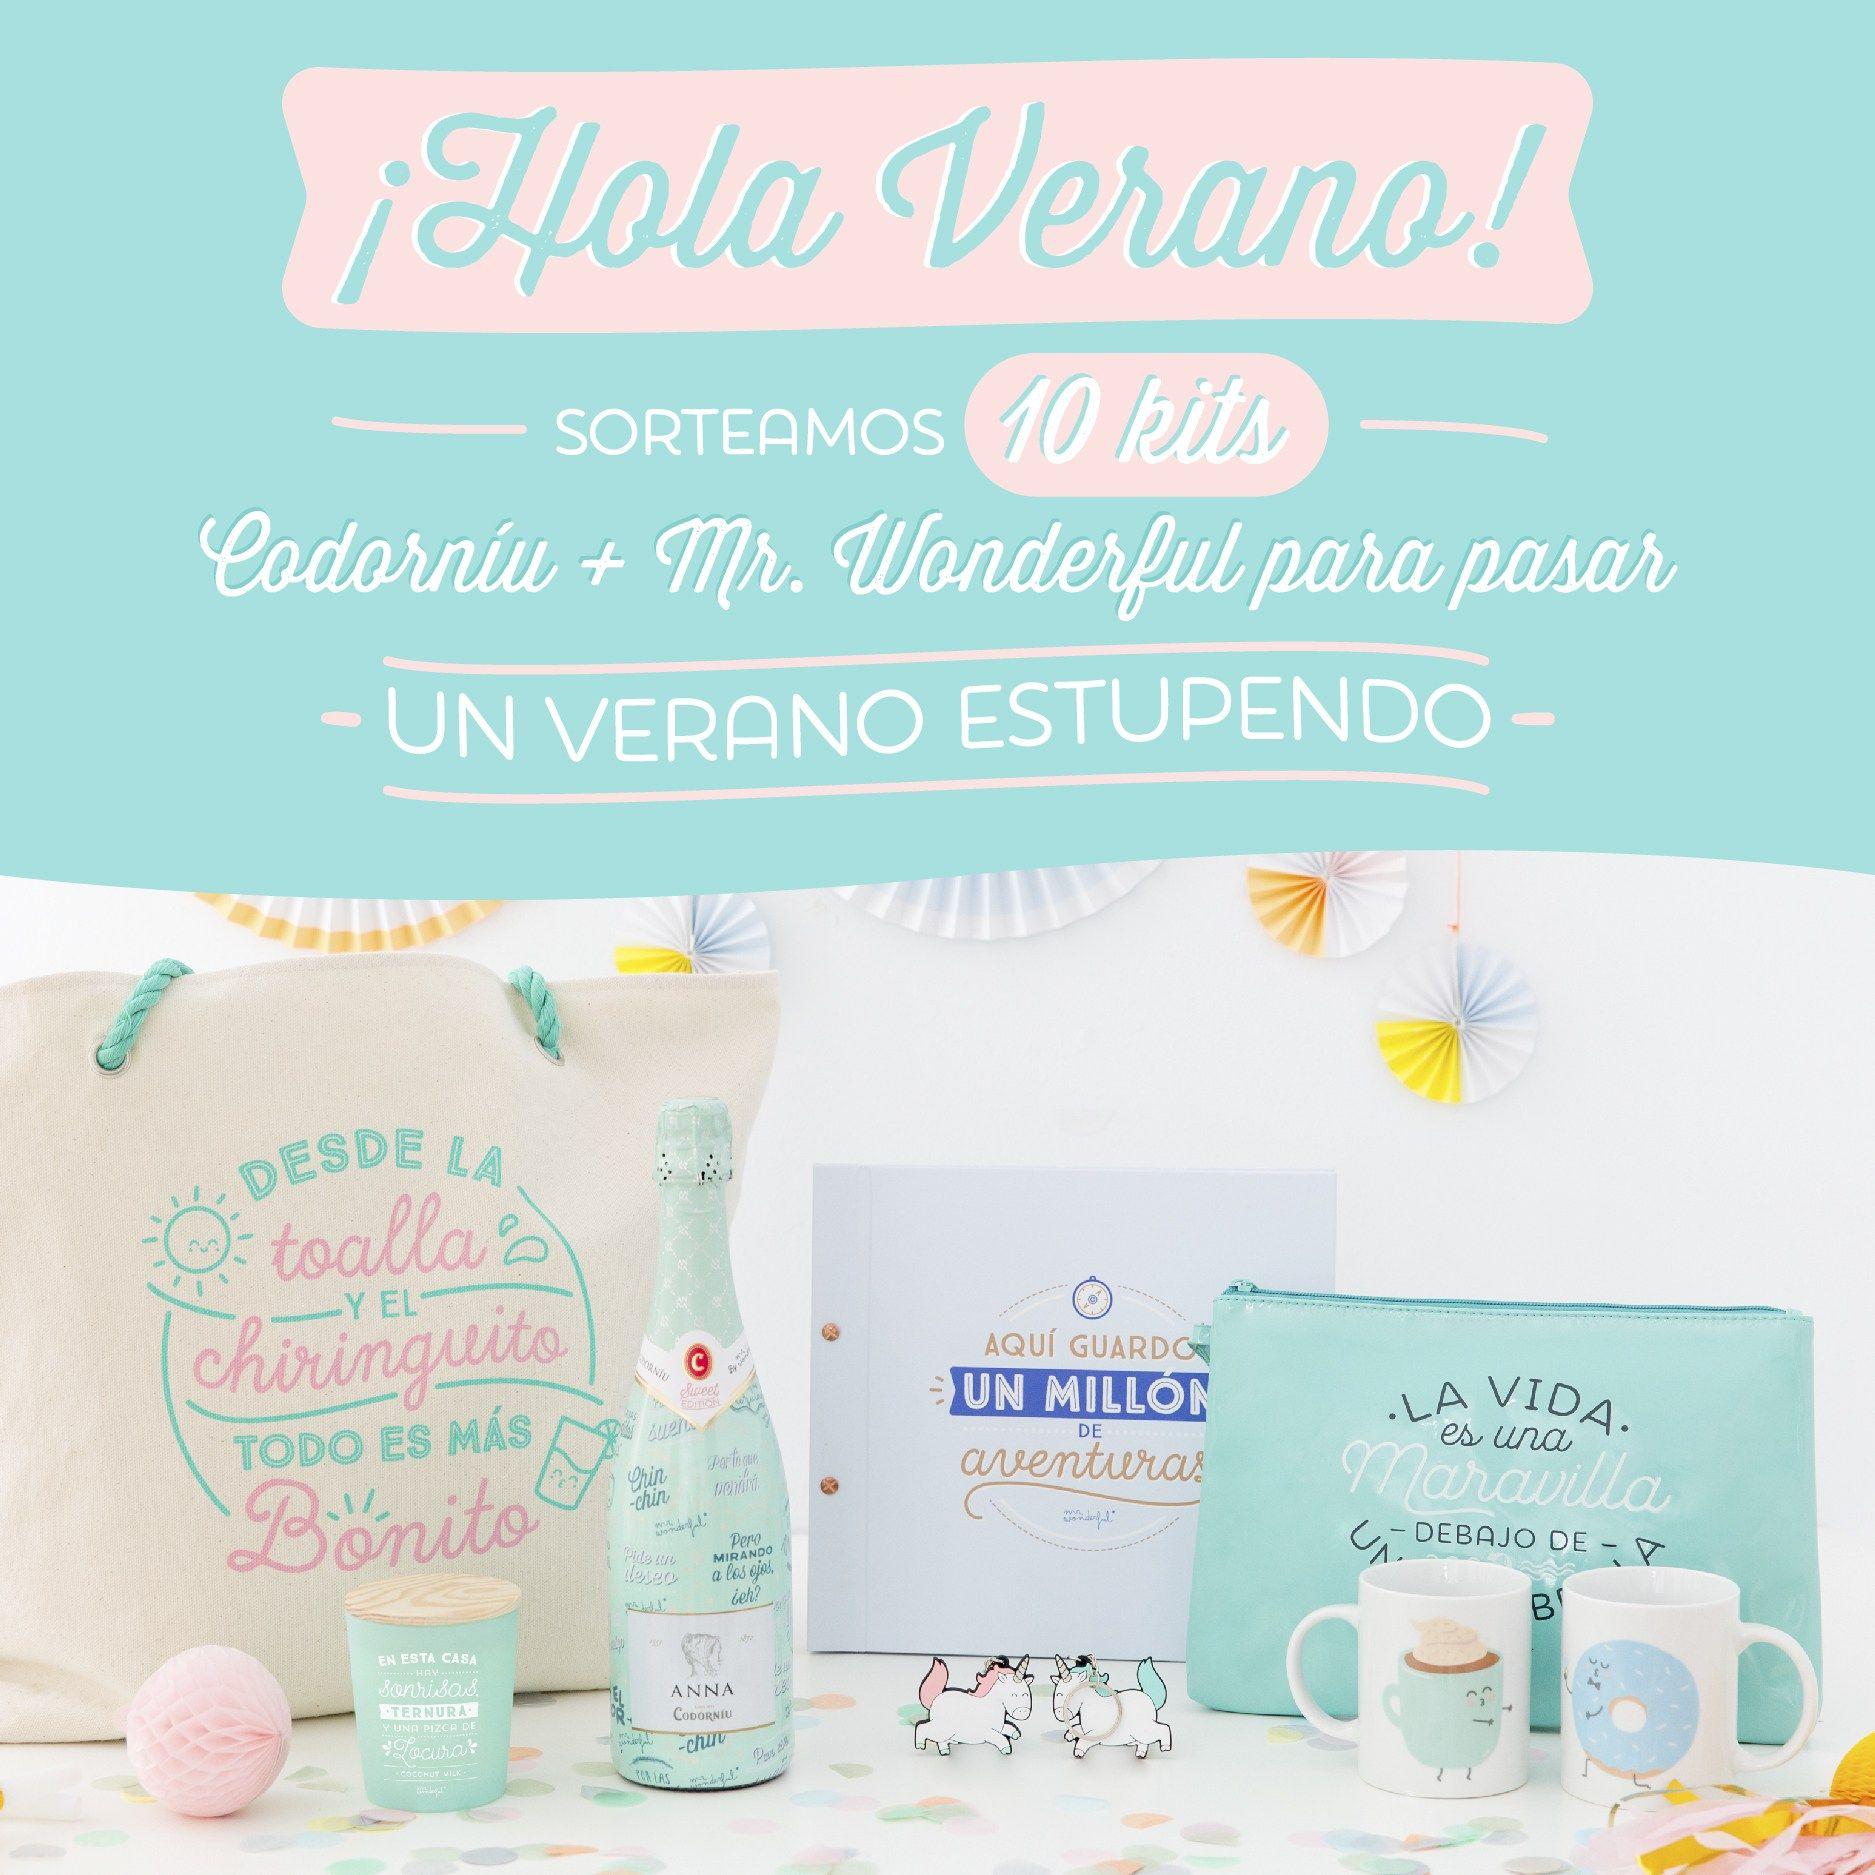 Dale la bienvenida al verano con el sorteo de 10 lotes de Anna de Codorníu  Sweet Edition by Mr Wonderful y nuestros productos | Hola verano, Verano,  Sorteo